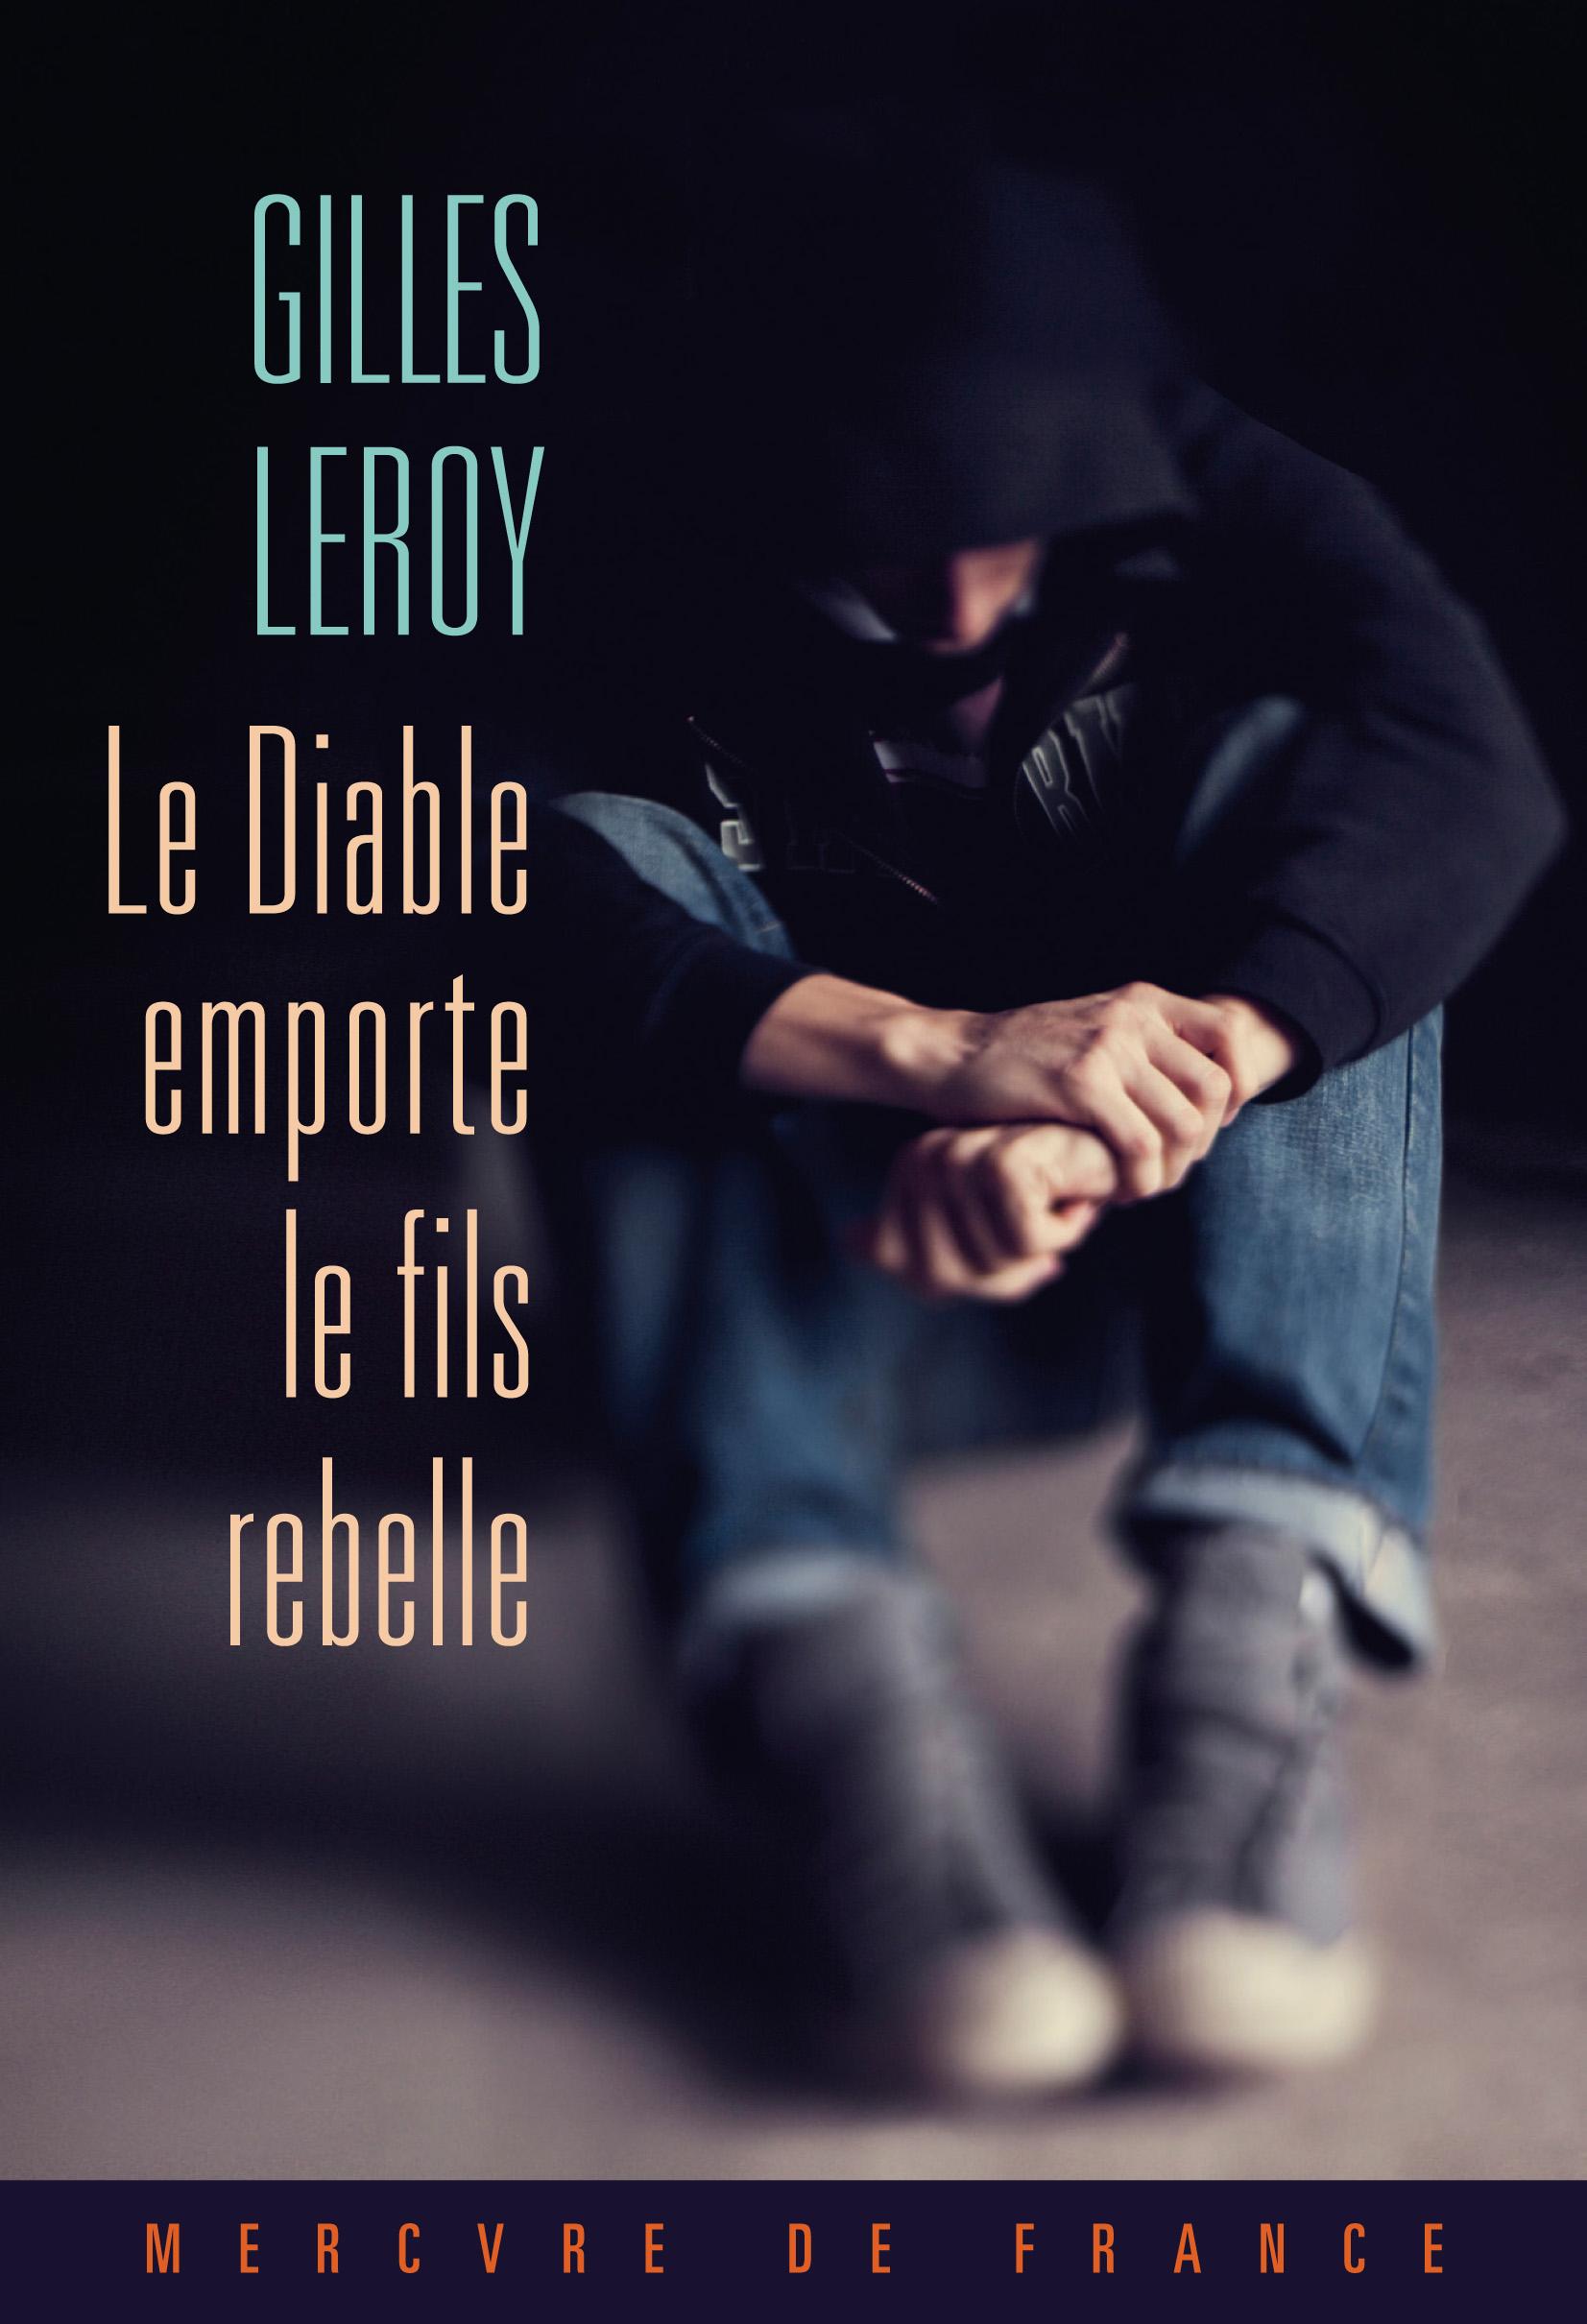 Le Diable emporte le fils rebelle | Leroy, Gilles